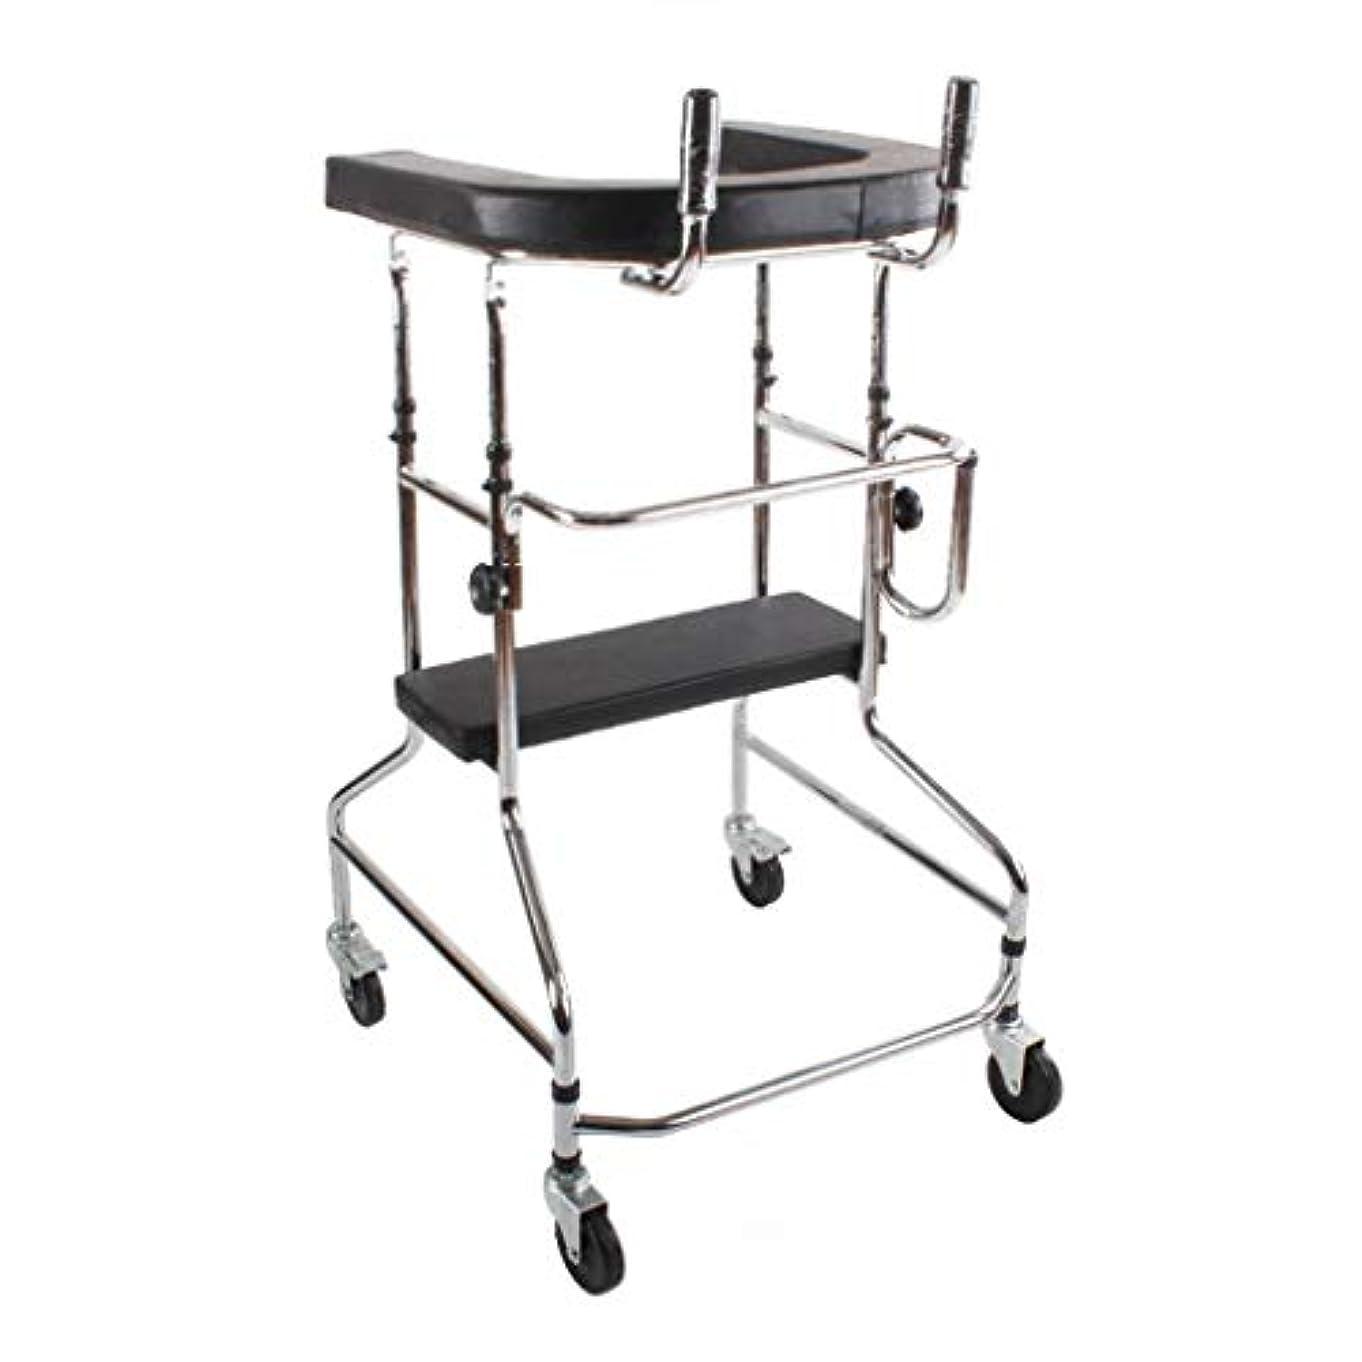 バック有料悪のBNSDMM 步行器 ウォーカー - 高齢者用ウォーカーウォーカー下肢リハビリテーション機器健康スタンディングウォーカーホイールとシートリハビリ機器